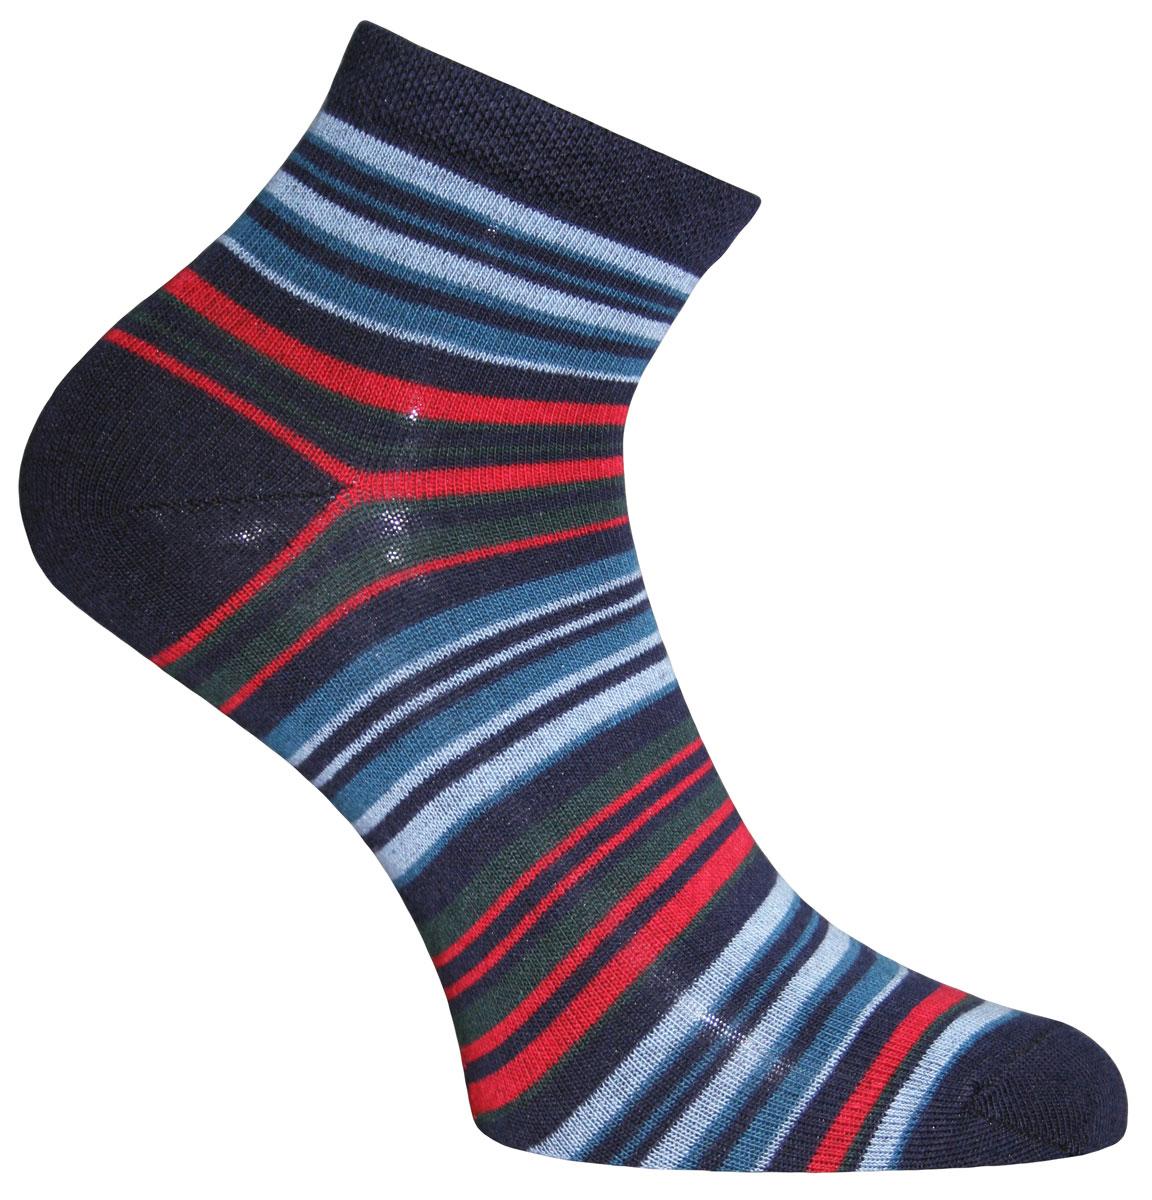 Носки женские Master Socks, цвет: темно-синий, мультиколор. 55109. Размер 2355109Носки Master Socks изготовлены из индийского хлопка с добавлением полиамида и эластана, очень удобных и приятных при носке. Модель оформлена принтом в полоску. Эластичная резинка плотно облегает ногу, не сдавливая ее, обеспечивая комфорт и удобство.